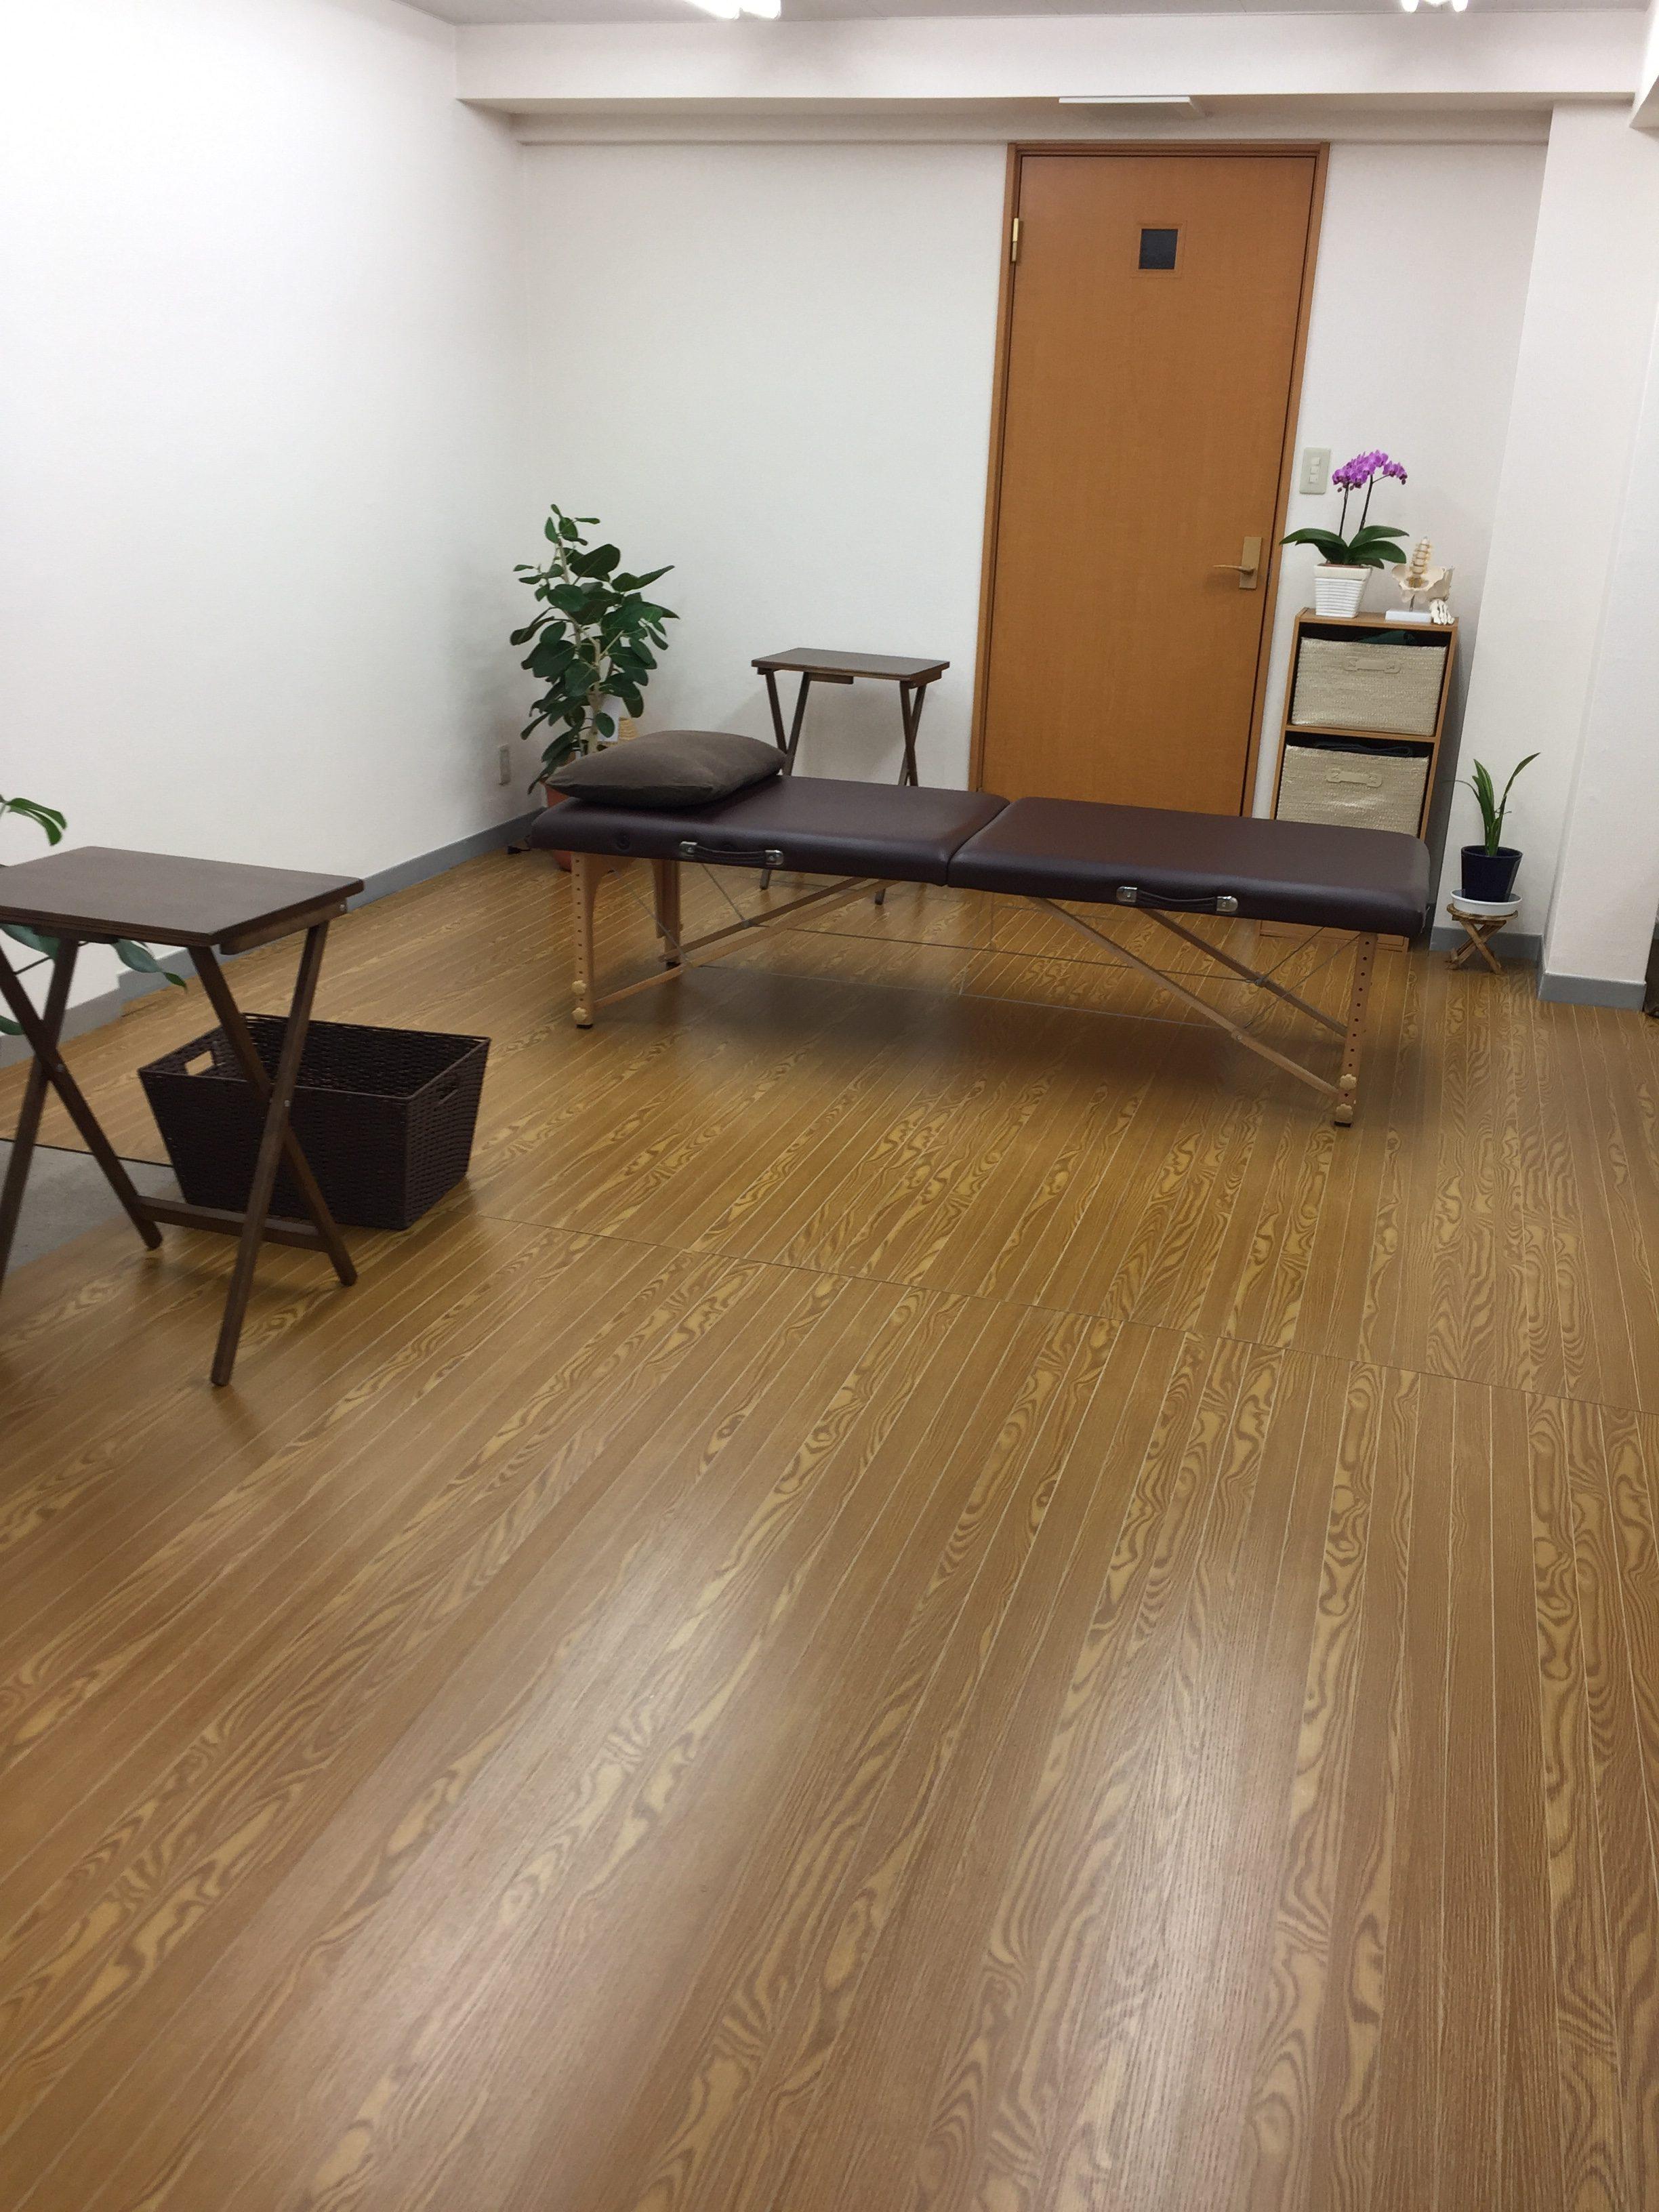 仙台の整体で筋膜に施術を行うルーツの内観3つめ